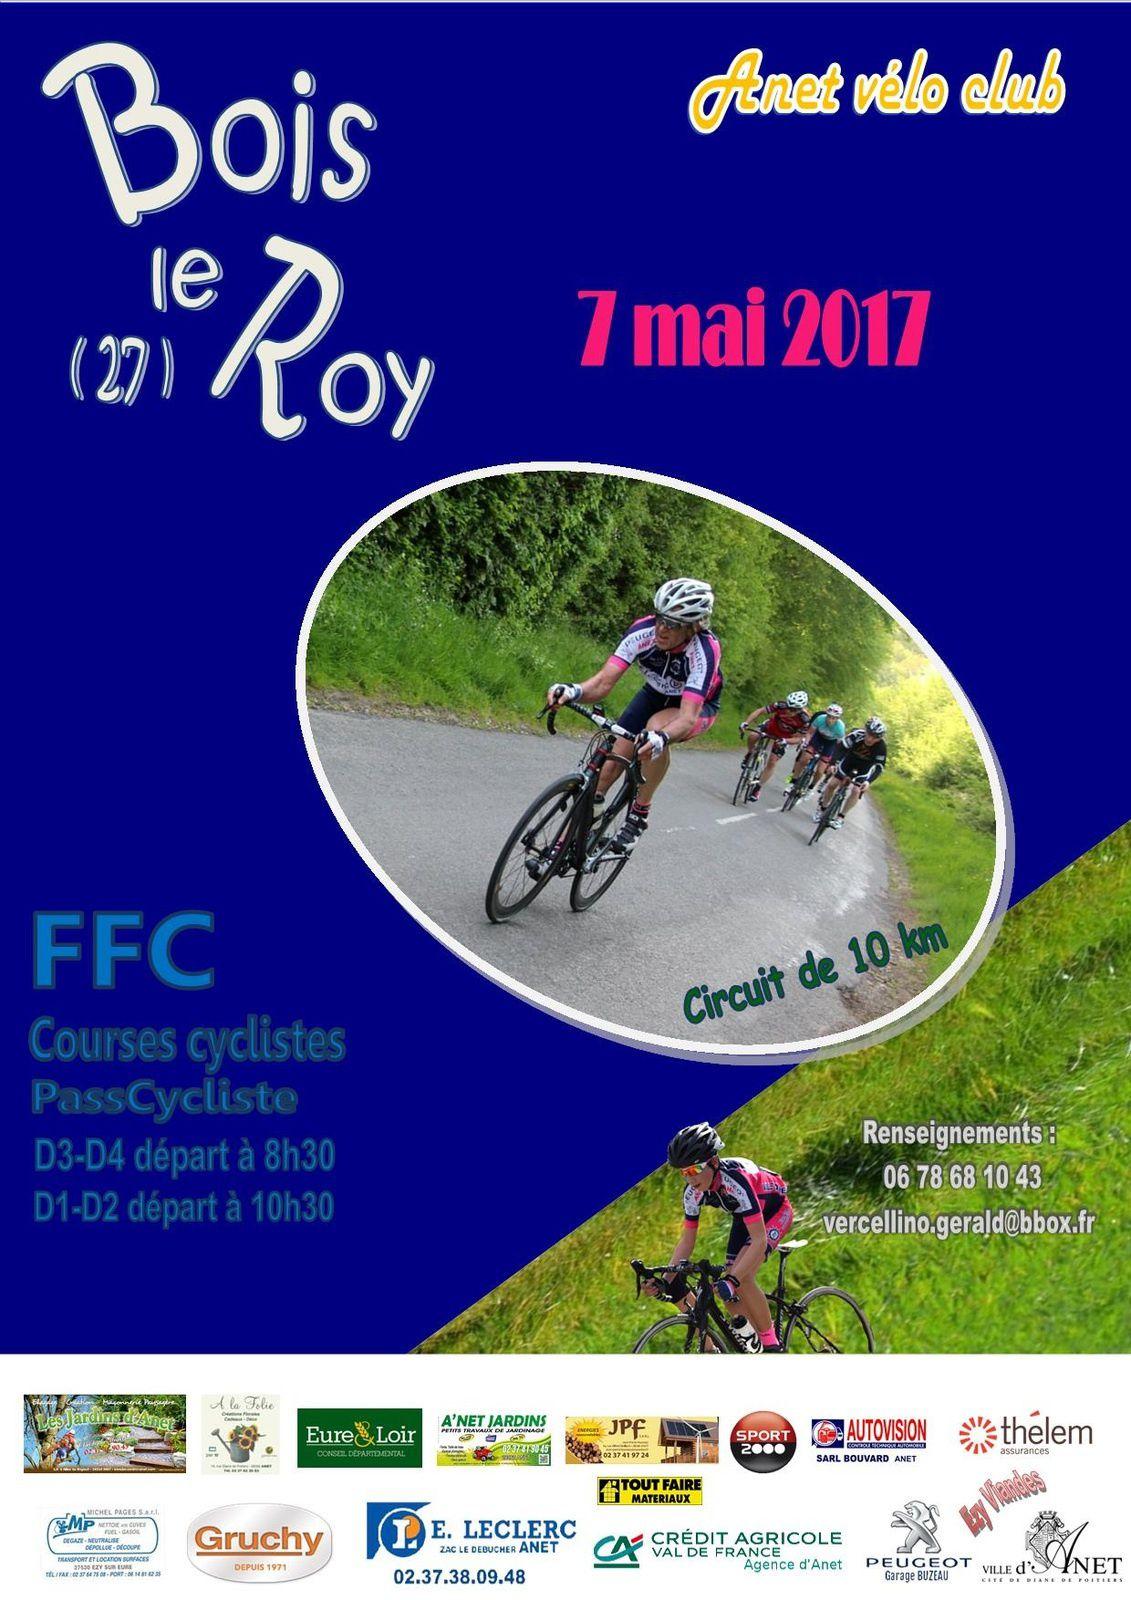 Courses PC de Bois le Roy (27) le dimanche 7 mai 2017